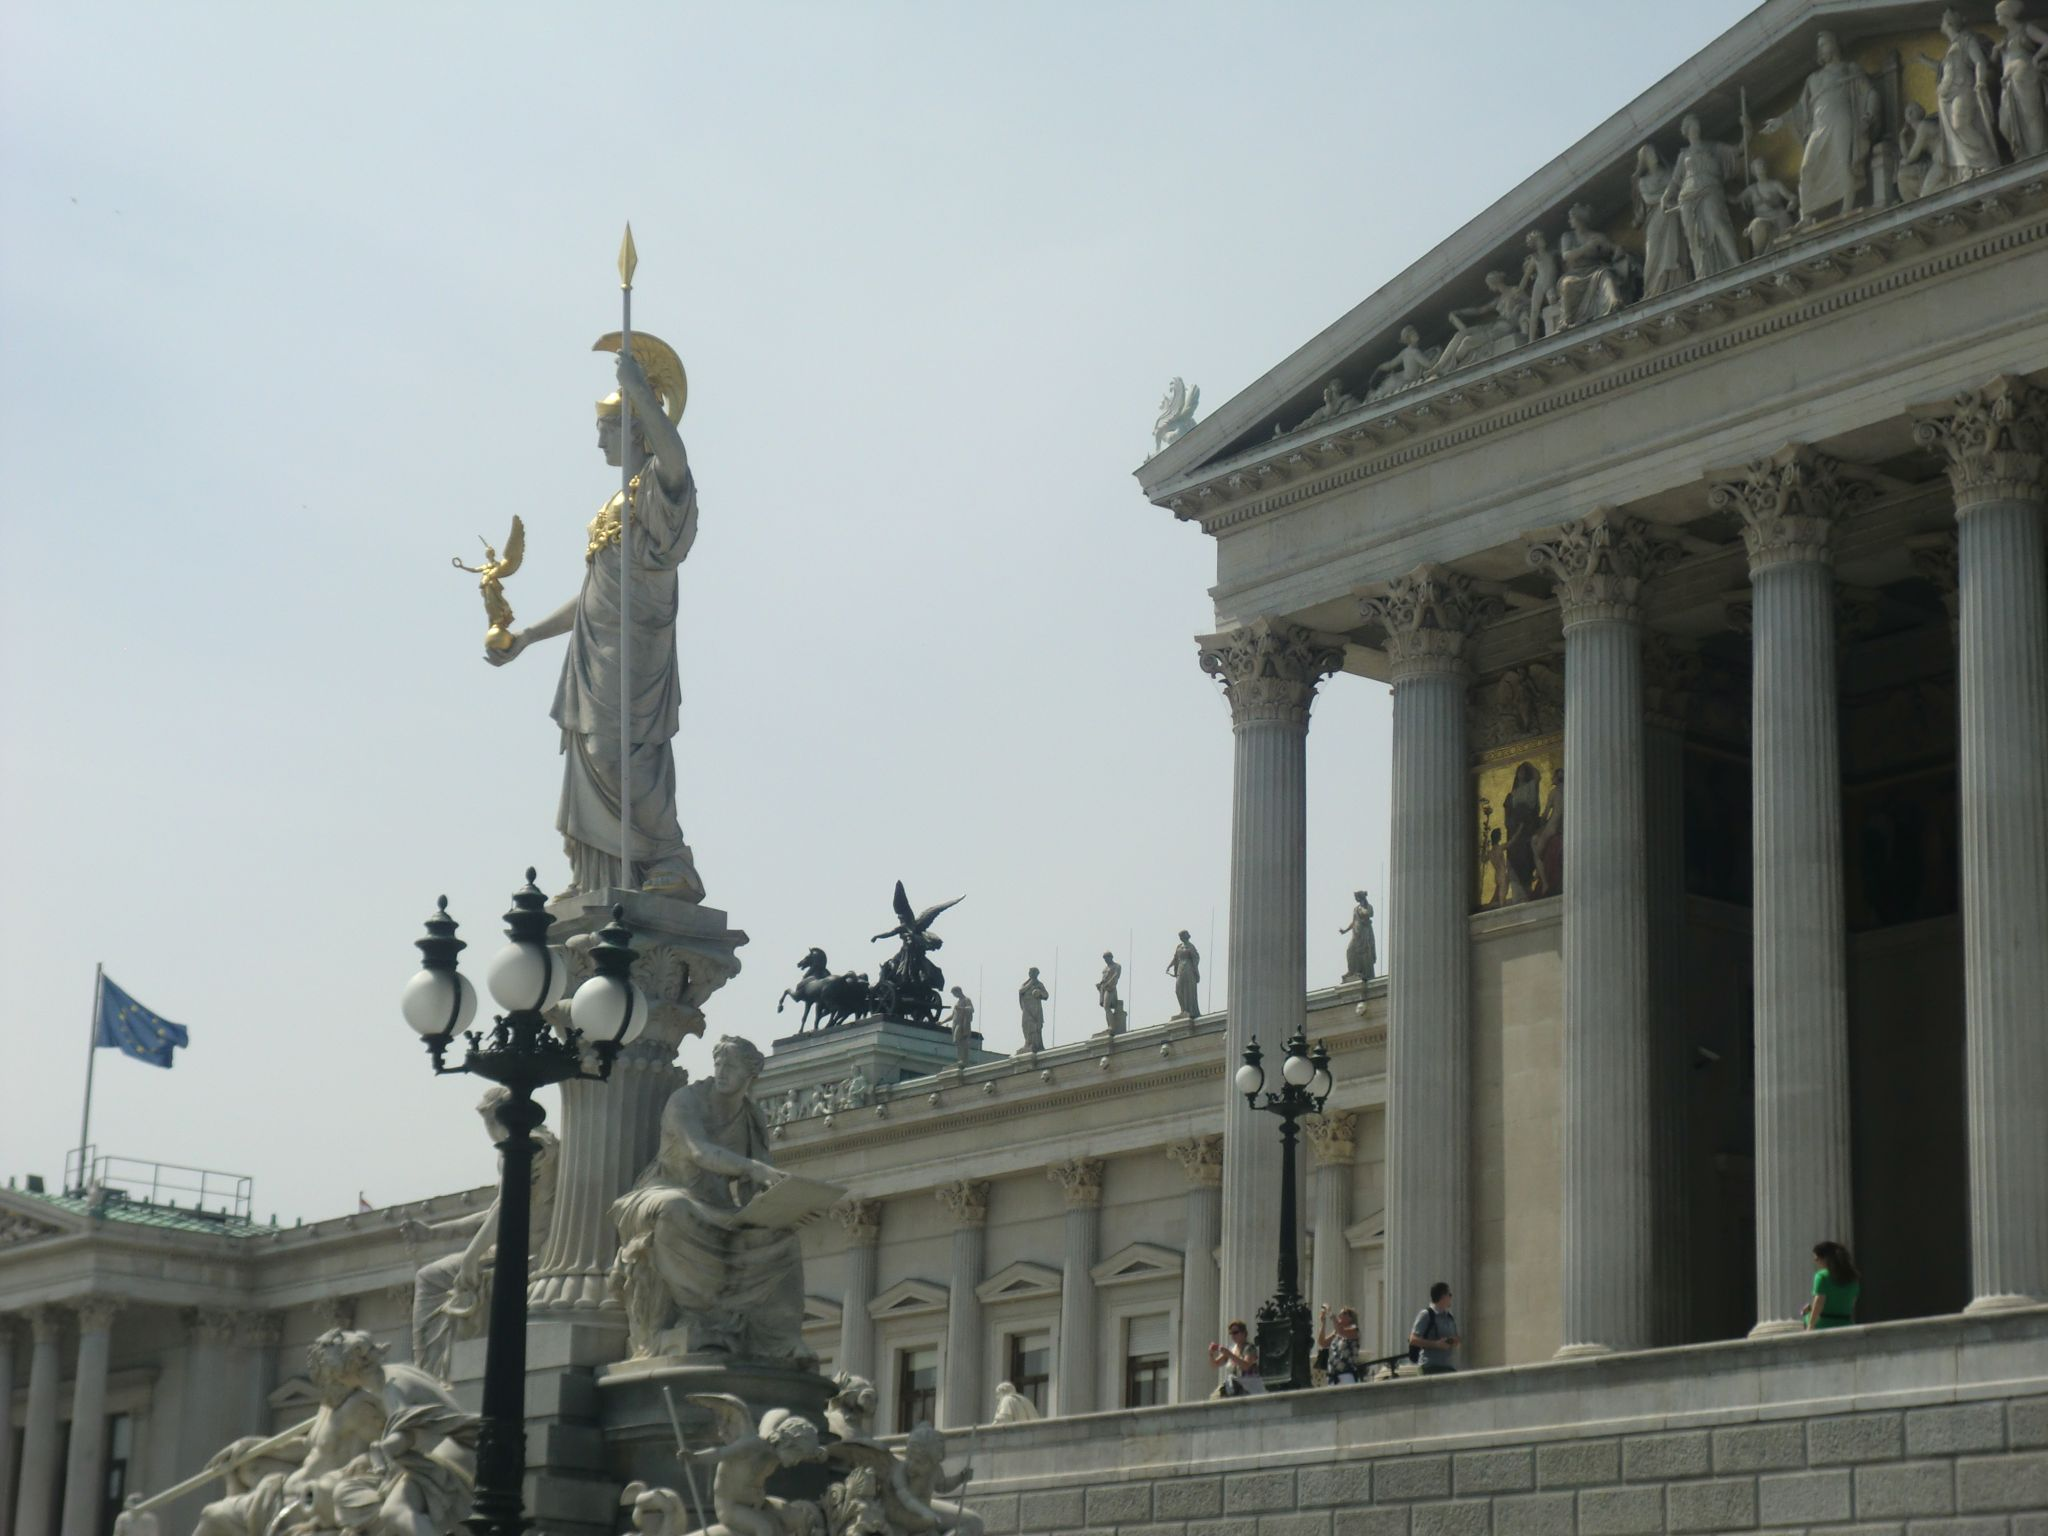 Vienna institutions 6 1440x1080 - Vienna: elegant beauty